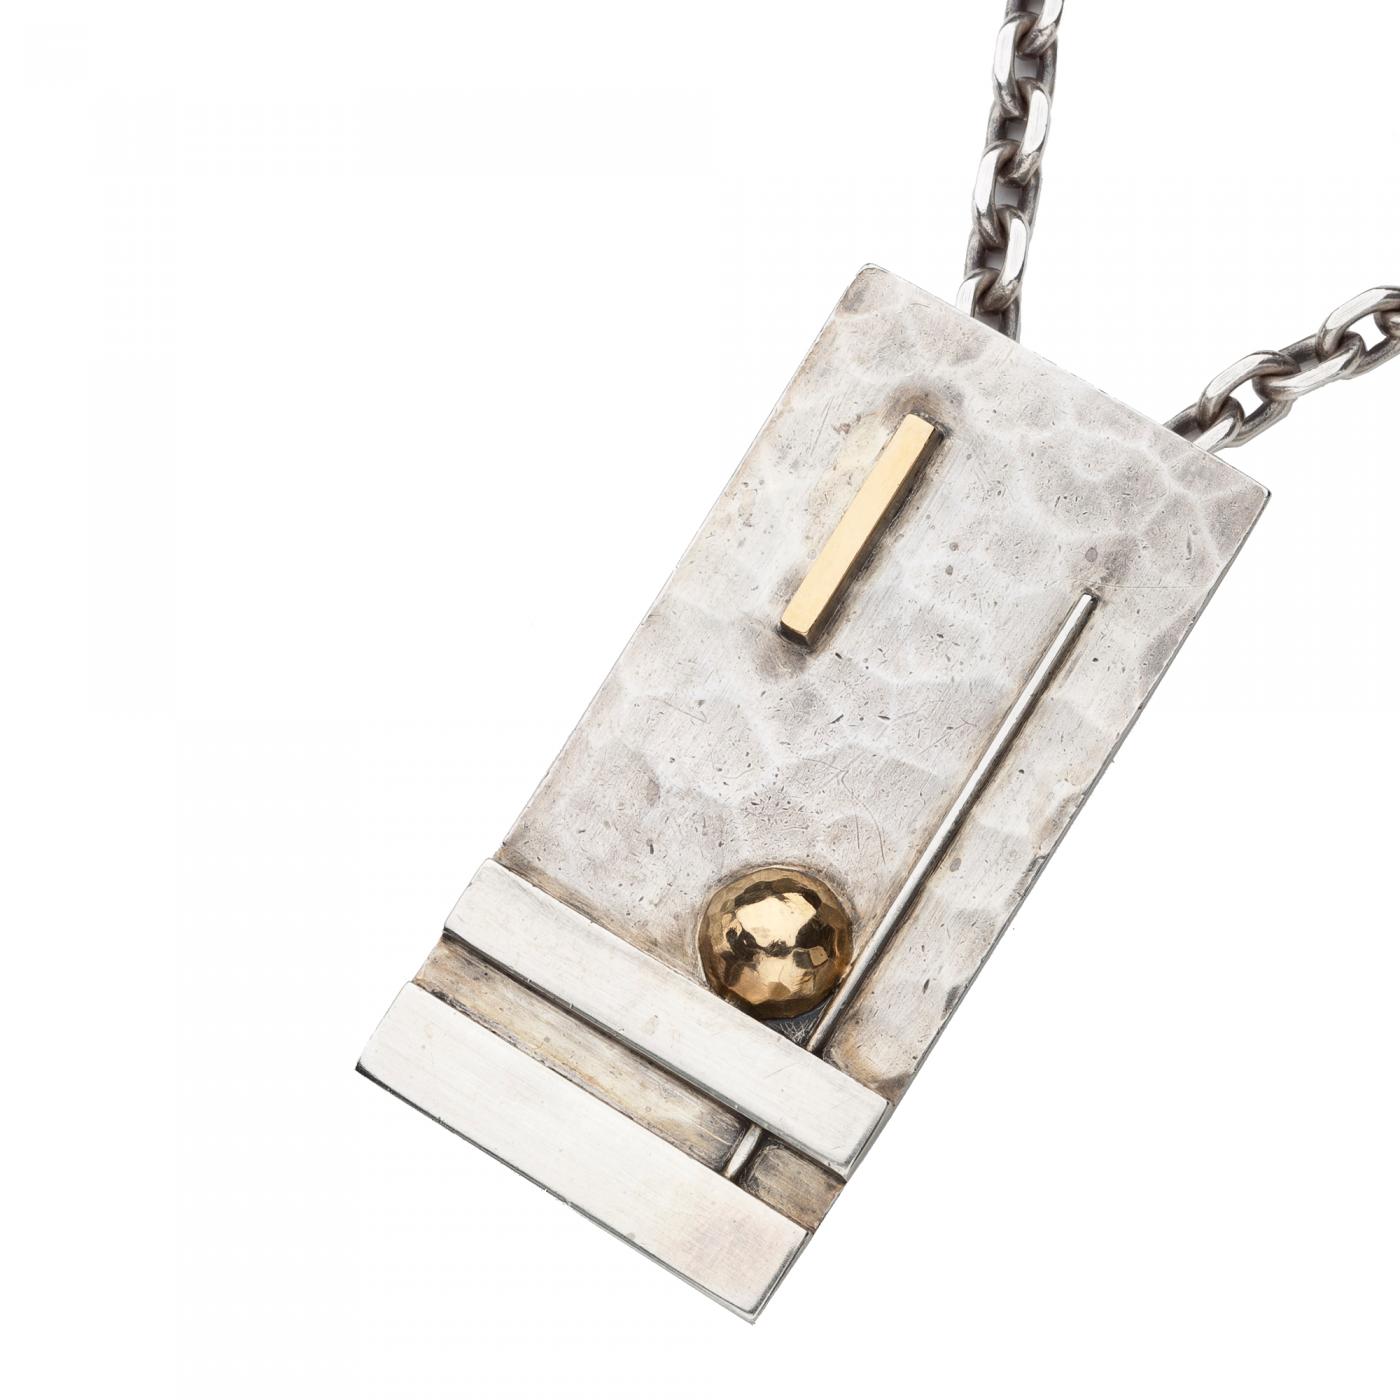 Jean despres art deco pendant c 1930 listings jewelry necklaces pendants drop pendant jean despres art deco mozeypictures Image collections